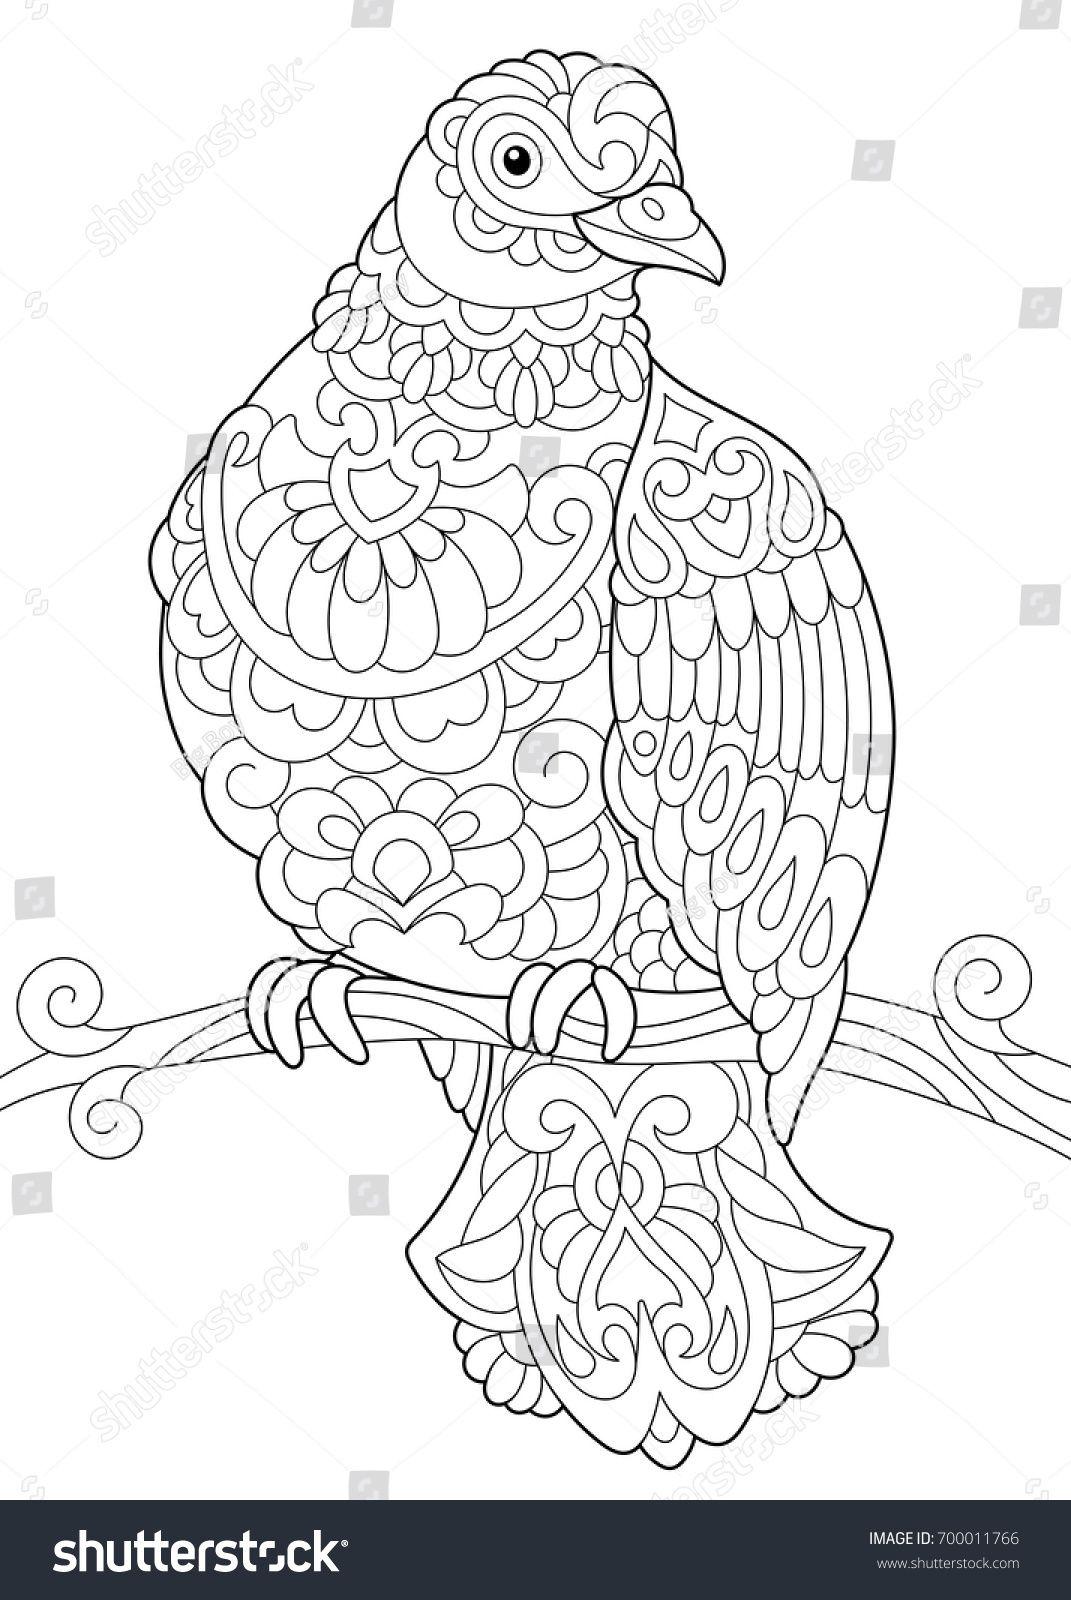 Pin von nnnn auf Жуки, птички | Pinterest | Ausmalbilder, Vogel und ...